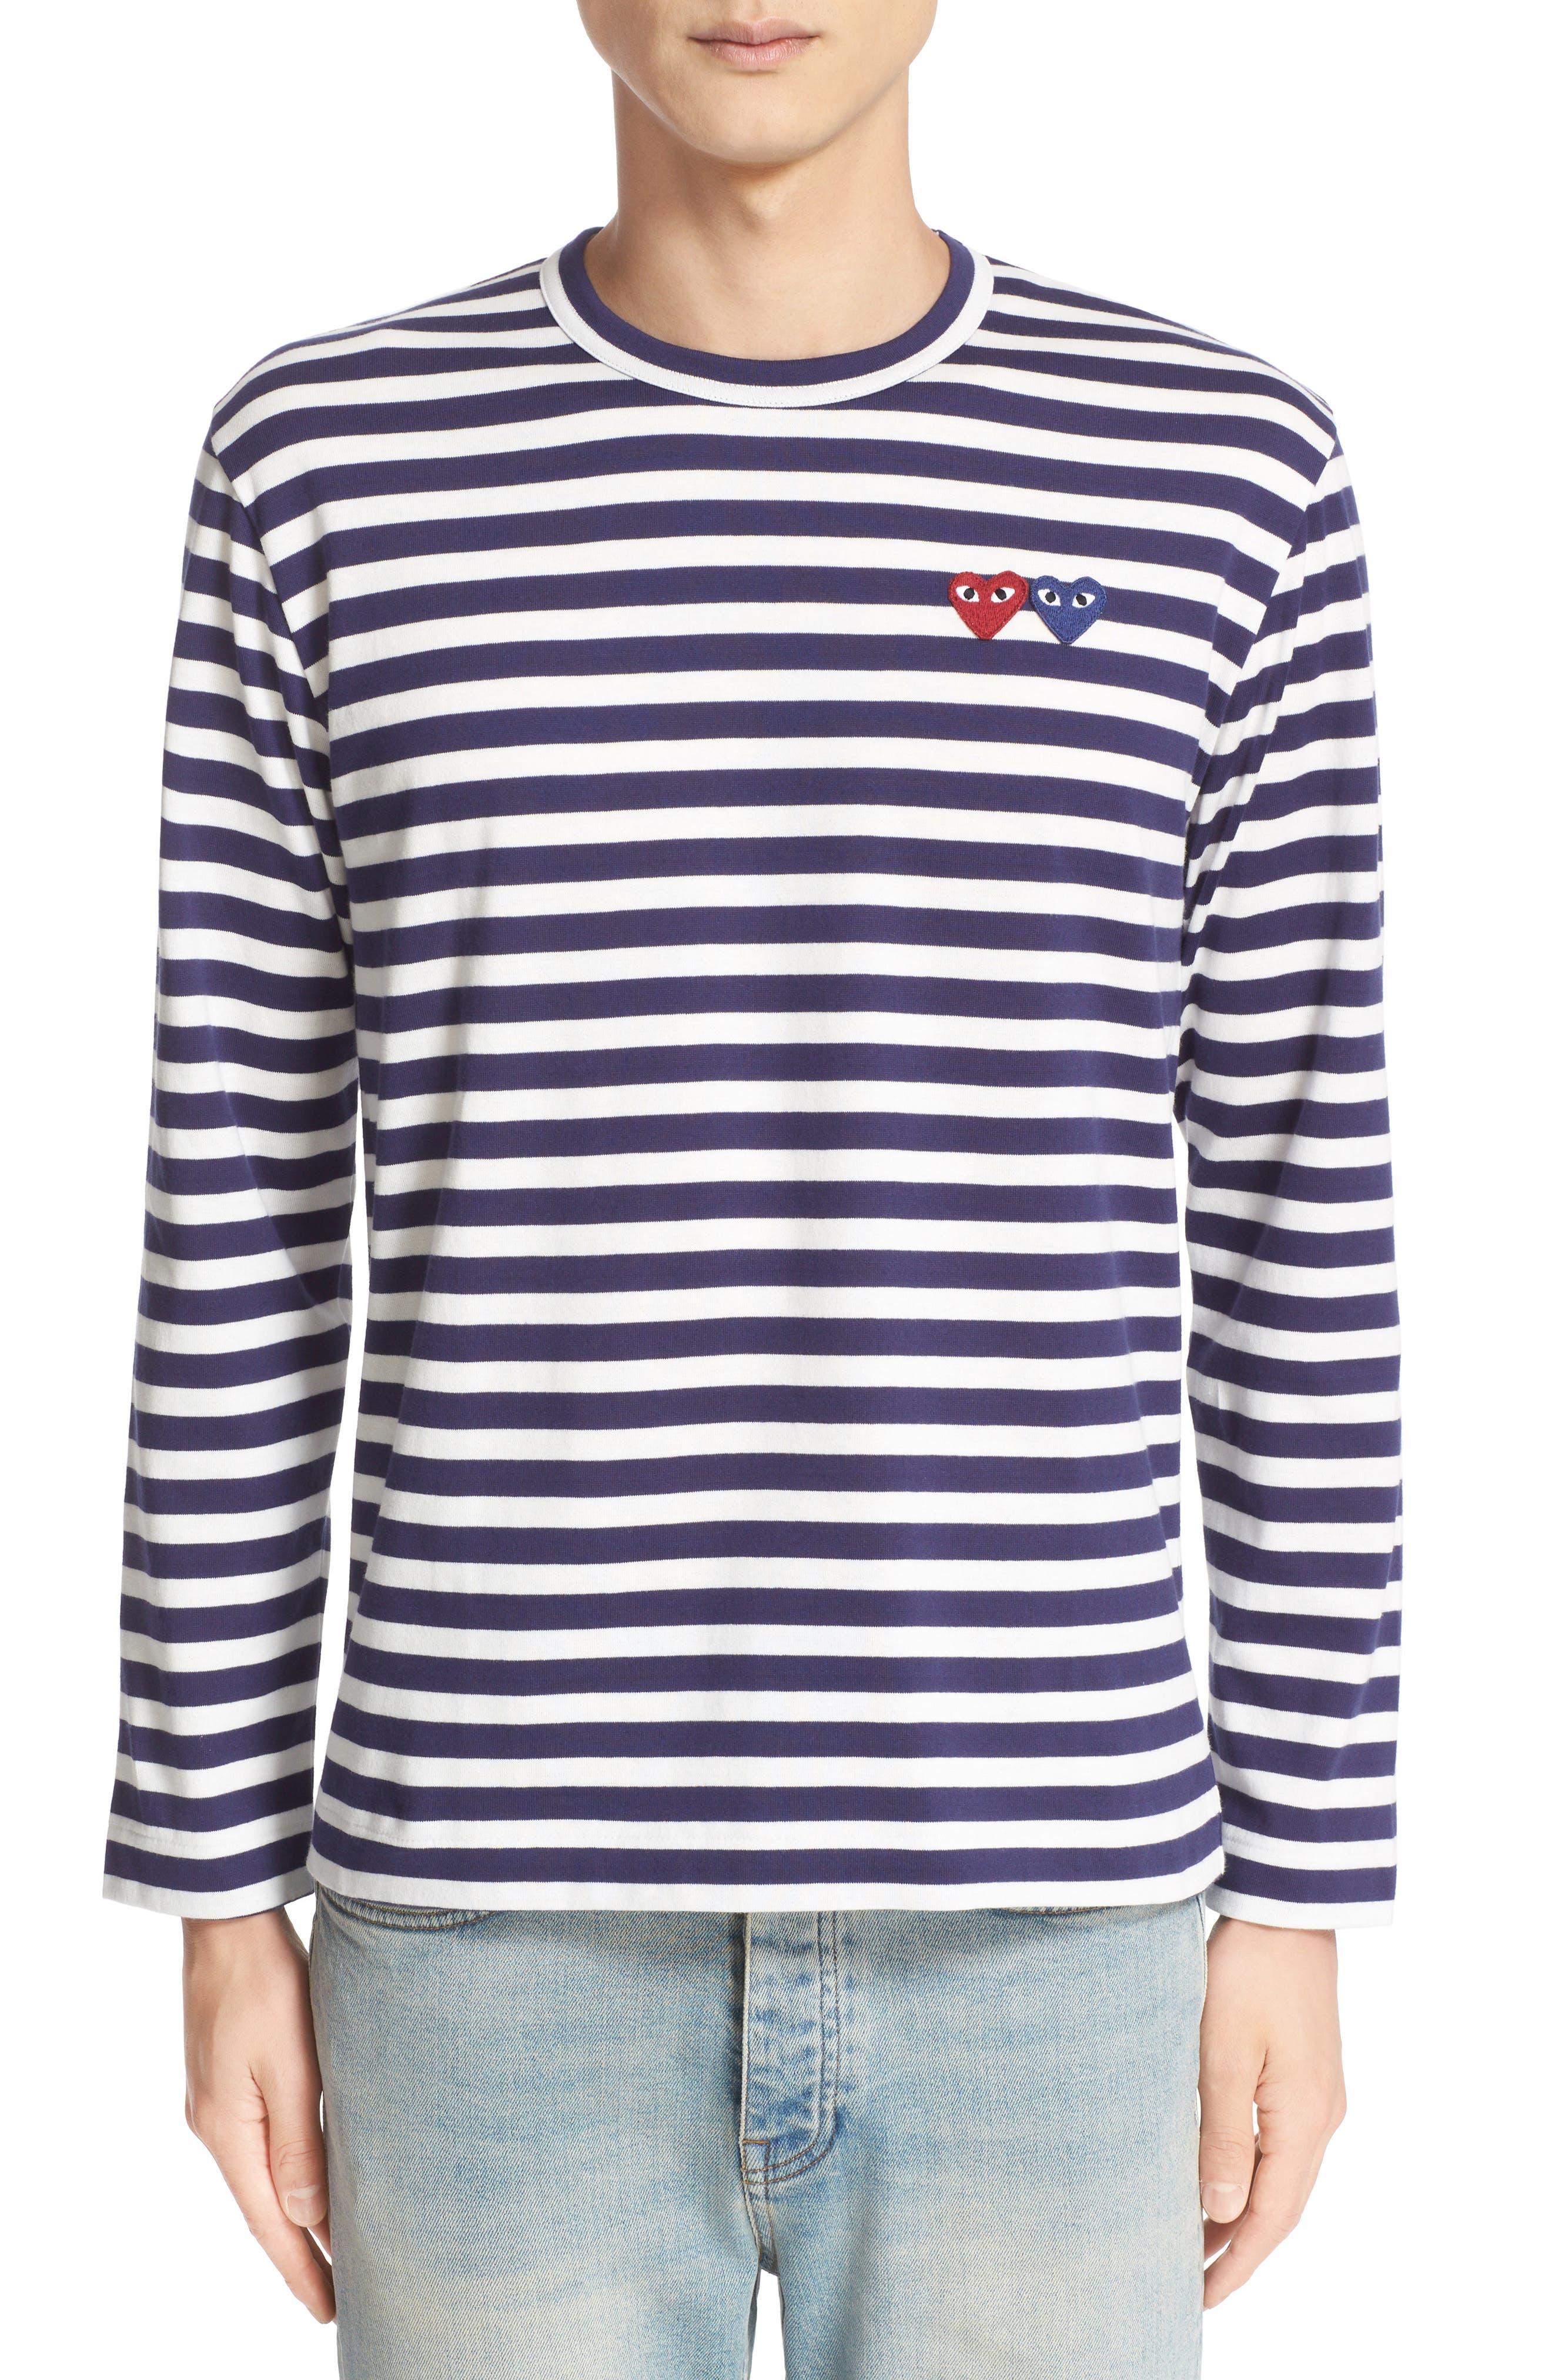 COMME DES GARÇONS PLAY, Twin Appliqué Stripe T-Shirt, Main thumbnail 1, color, NAVY/ WHITE